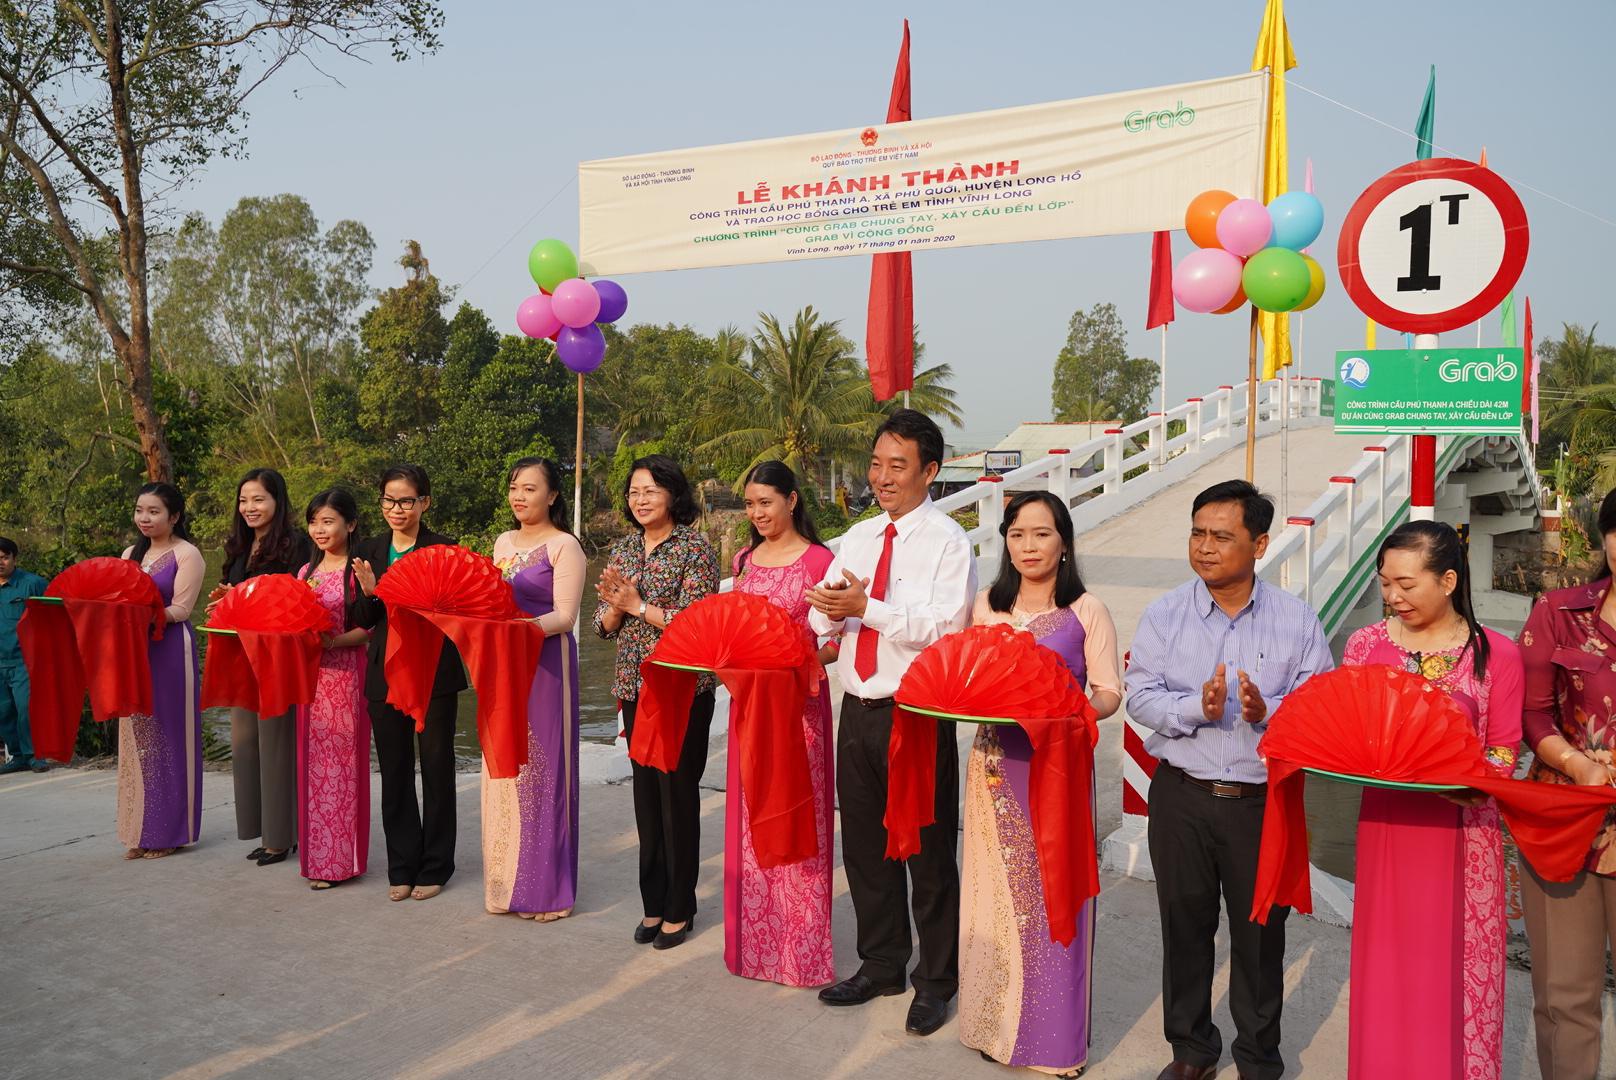 Vừa nhậm chức, nữ CEO Grab Việt Nam đã khánh thành cầu dân sinh 900 triệu đồng cho người dân miền Tây - Ảnh 4.